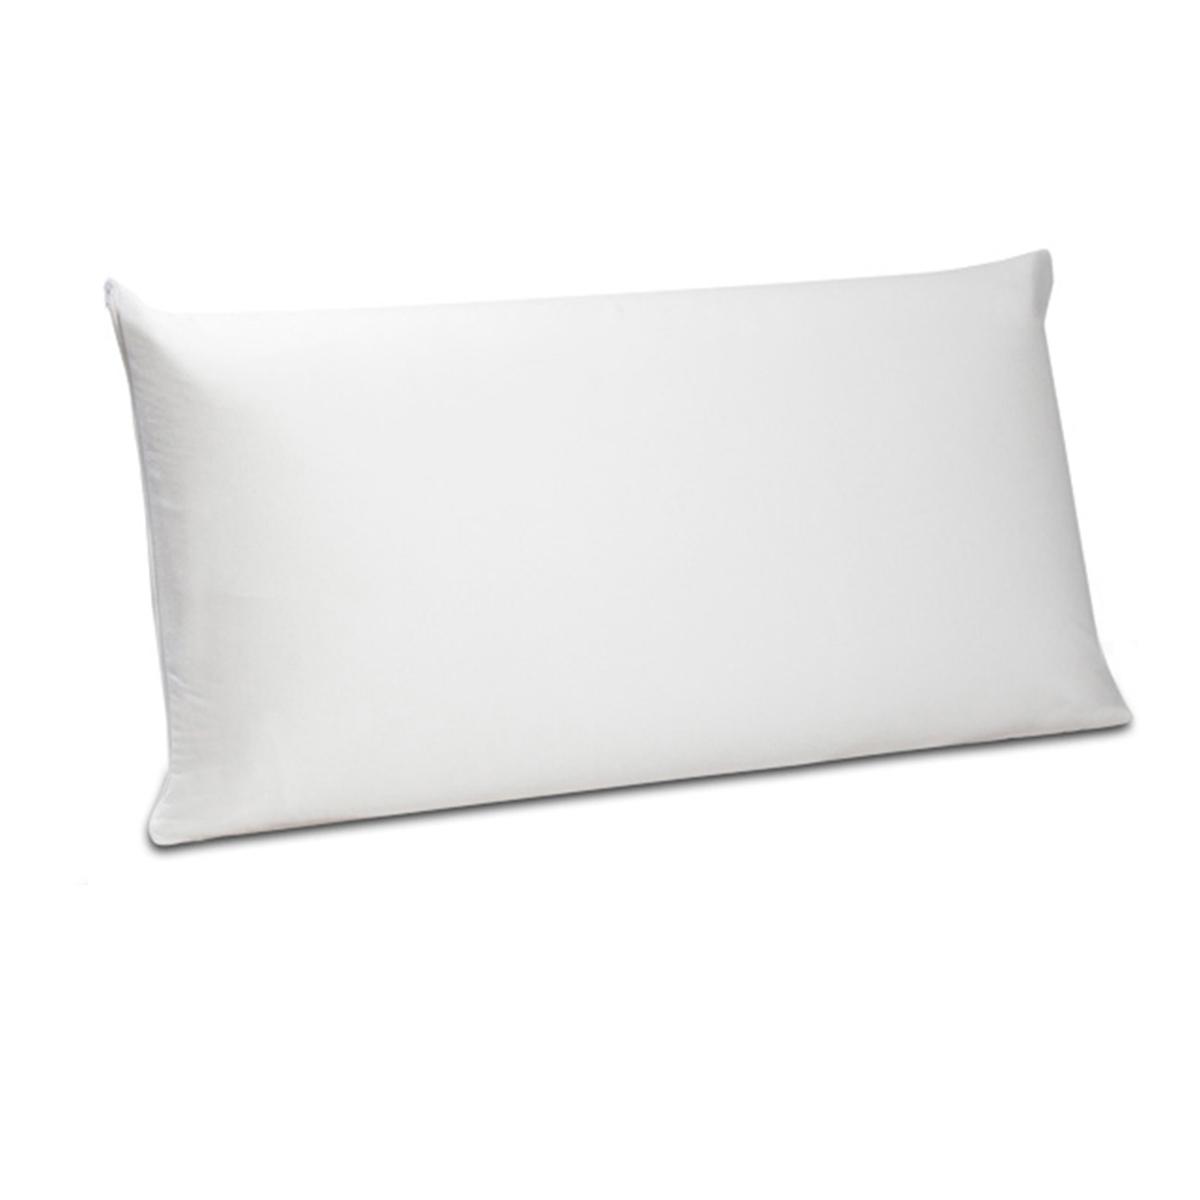 Чехол защитный непромокаемый на подушку-валик из 100% биохлопкаЗащитный чехол на подушку-валик из 100% биохлопка. Защитное дышащее средство для эффективной защиты подушки от влаги.Характеристики защитного чехла на подушку-валик из 100% биохлопка :Джерси, 100% биохлопок (135 г/м?) со слоем полиуретановой пленки (40 г/м2), прозрачной и дышащей.Застежка на молнию.Машинная стирка при температуре до 60 °С.<br><br>Цвет: экрю<br>Размер: длина: 160 см